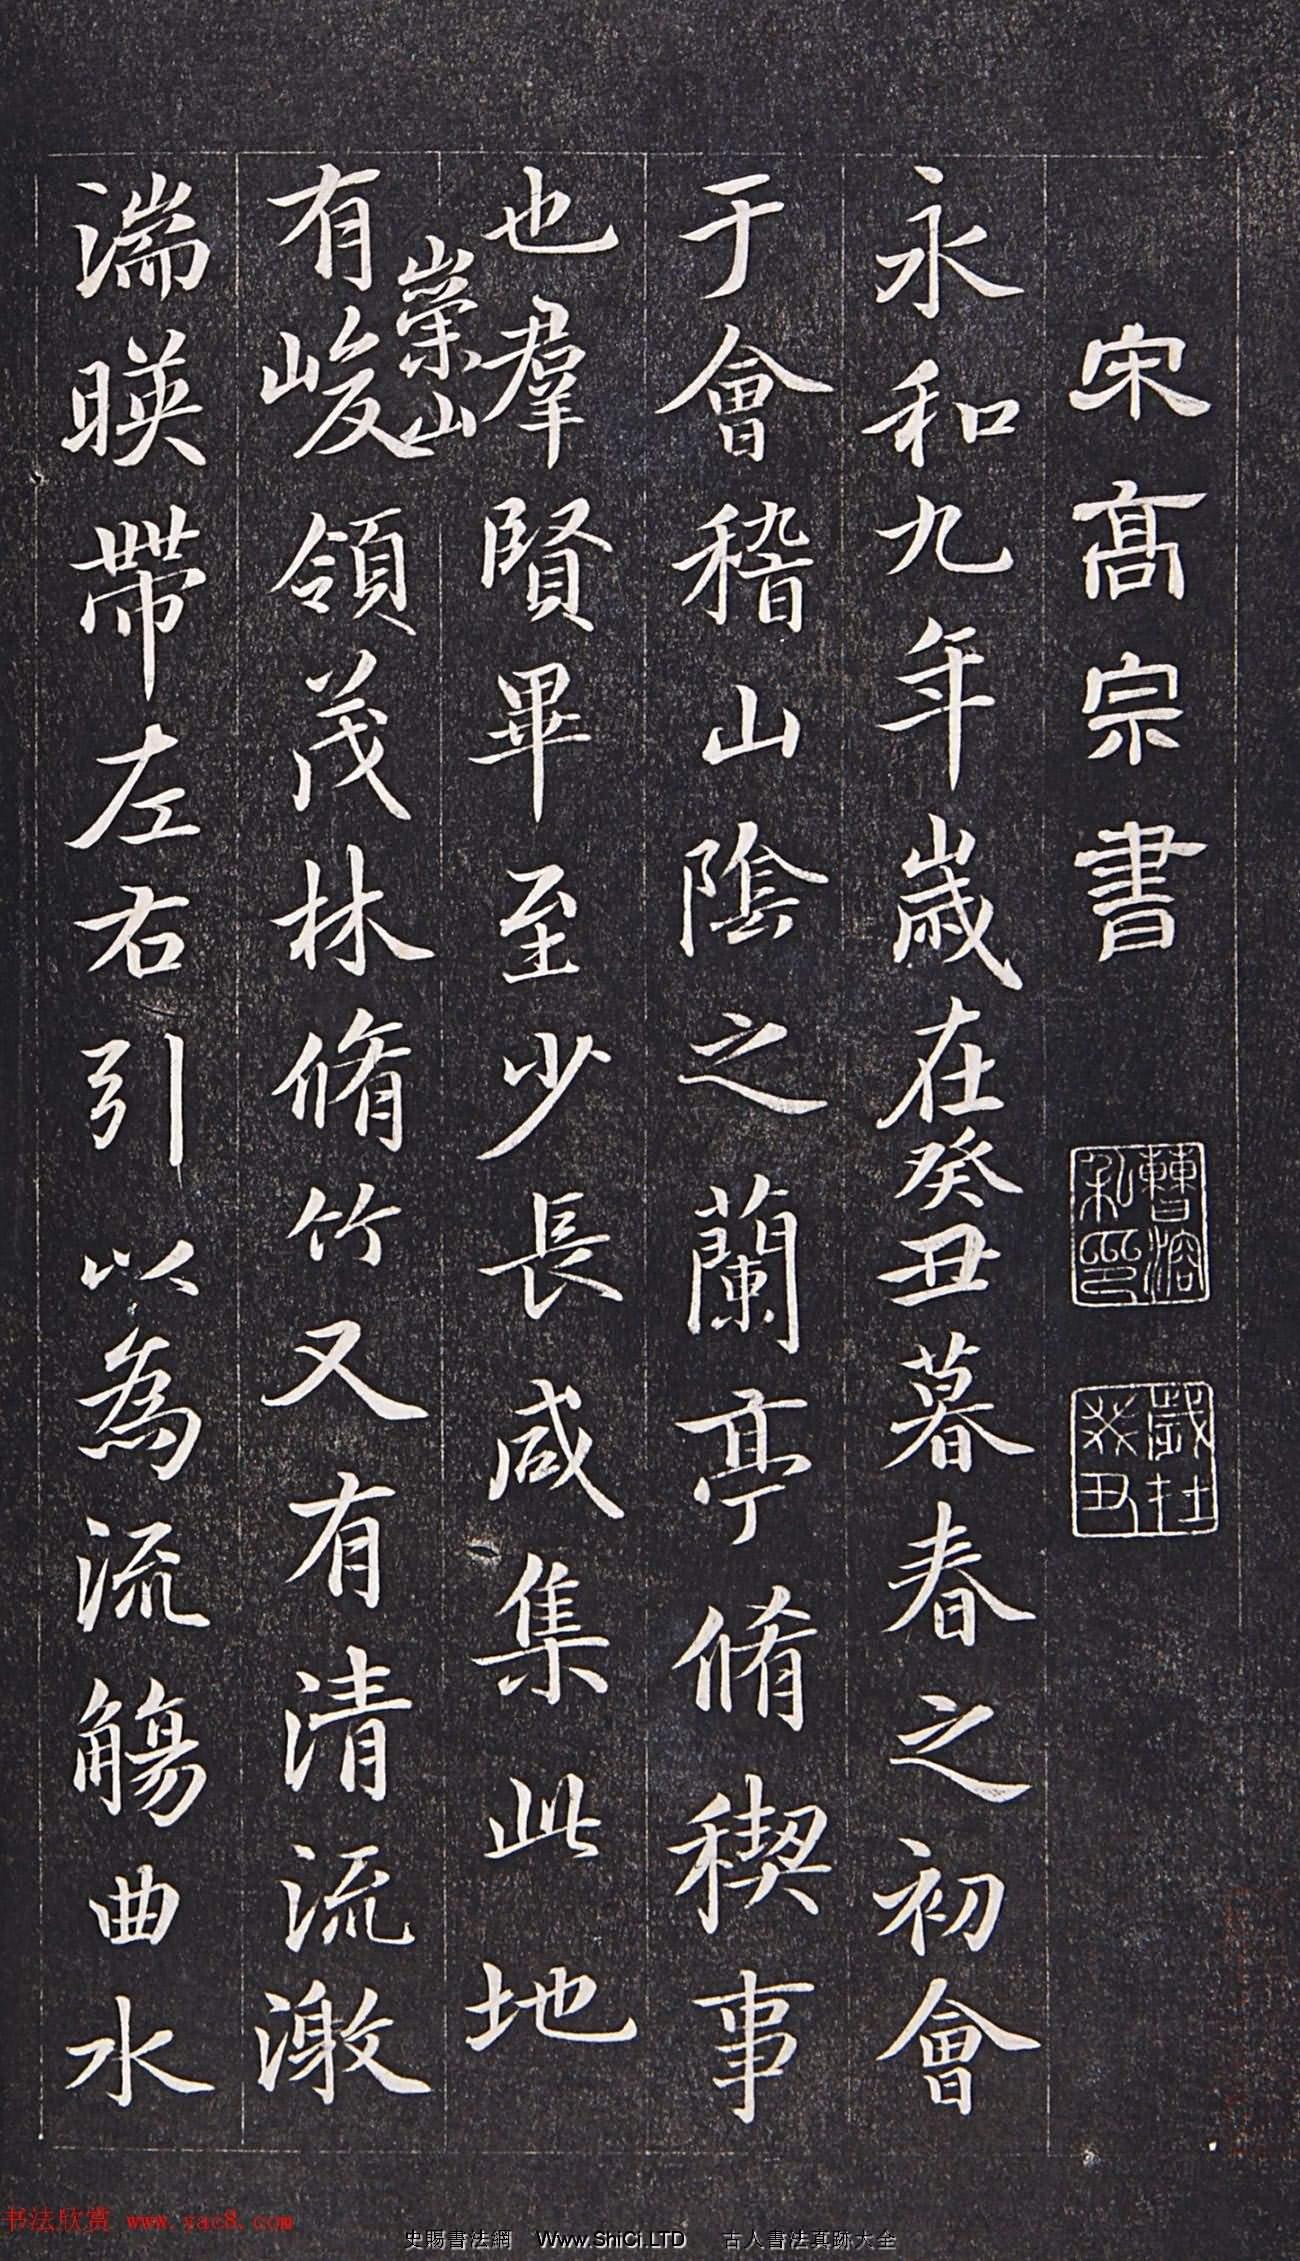 宋高宗趙構臨《蘭亭序》賜陳康伯(共6張圖片)